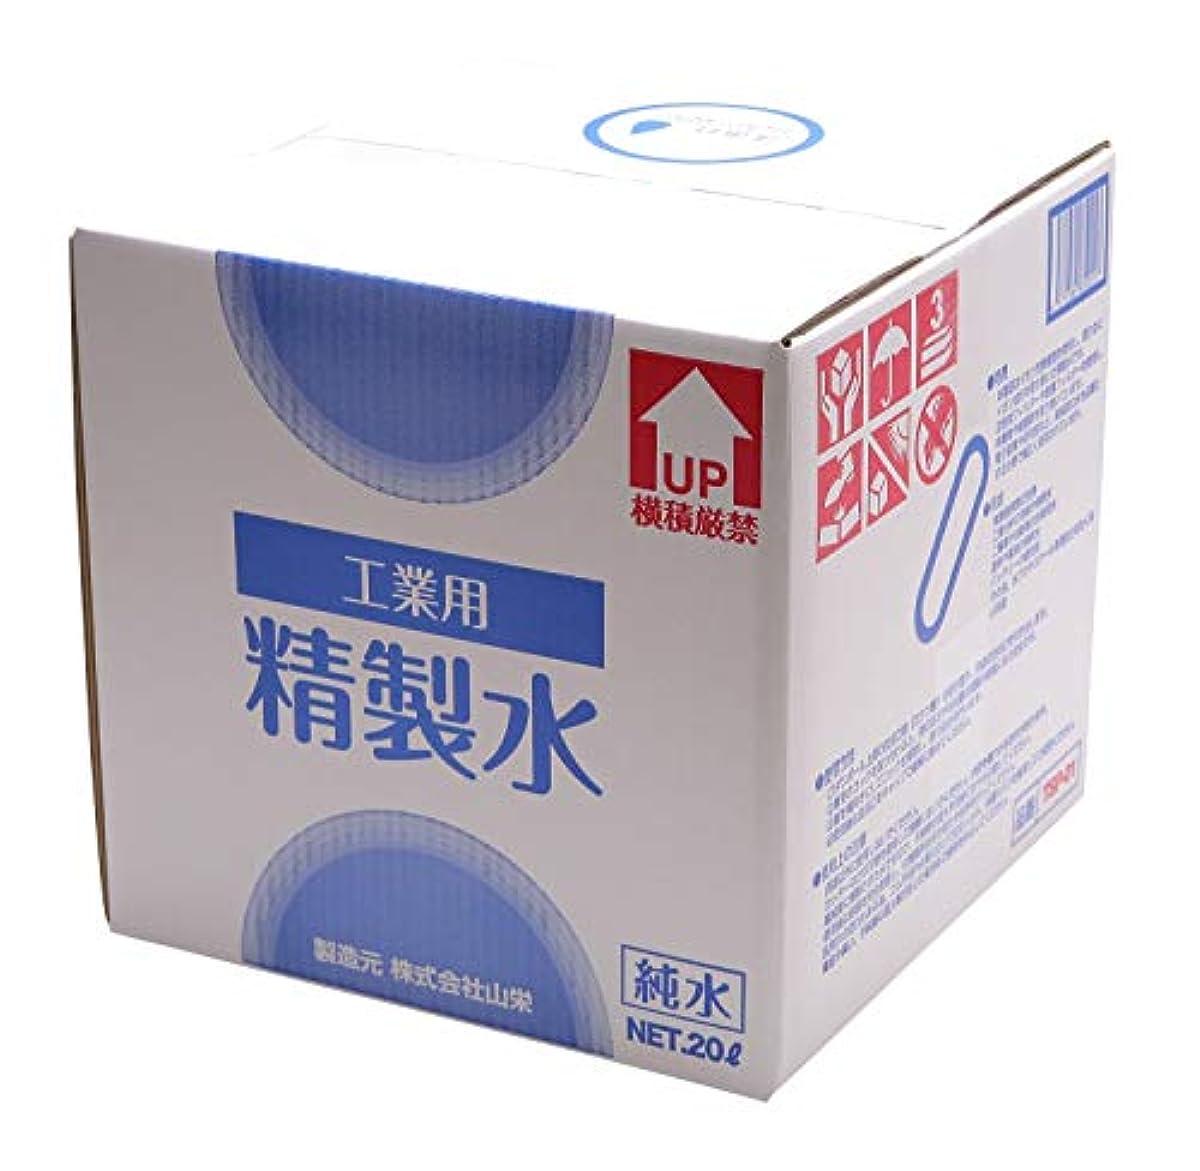 展開する走るクラシカルサンエイ化学 工業用精製水 純水 20L×10箱 コックなし 【スチーマー 加湿器 オートクレーブ エステ 美容 歯科】